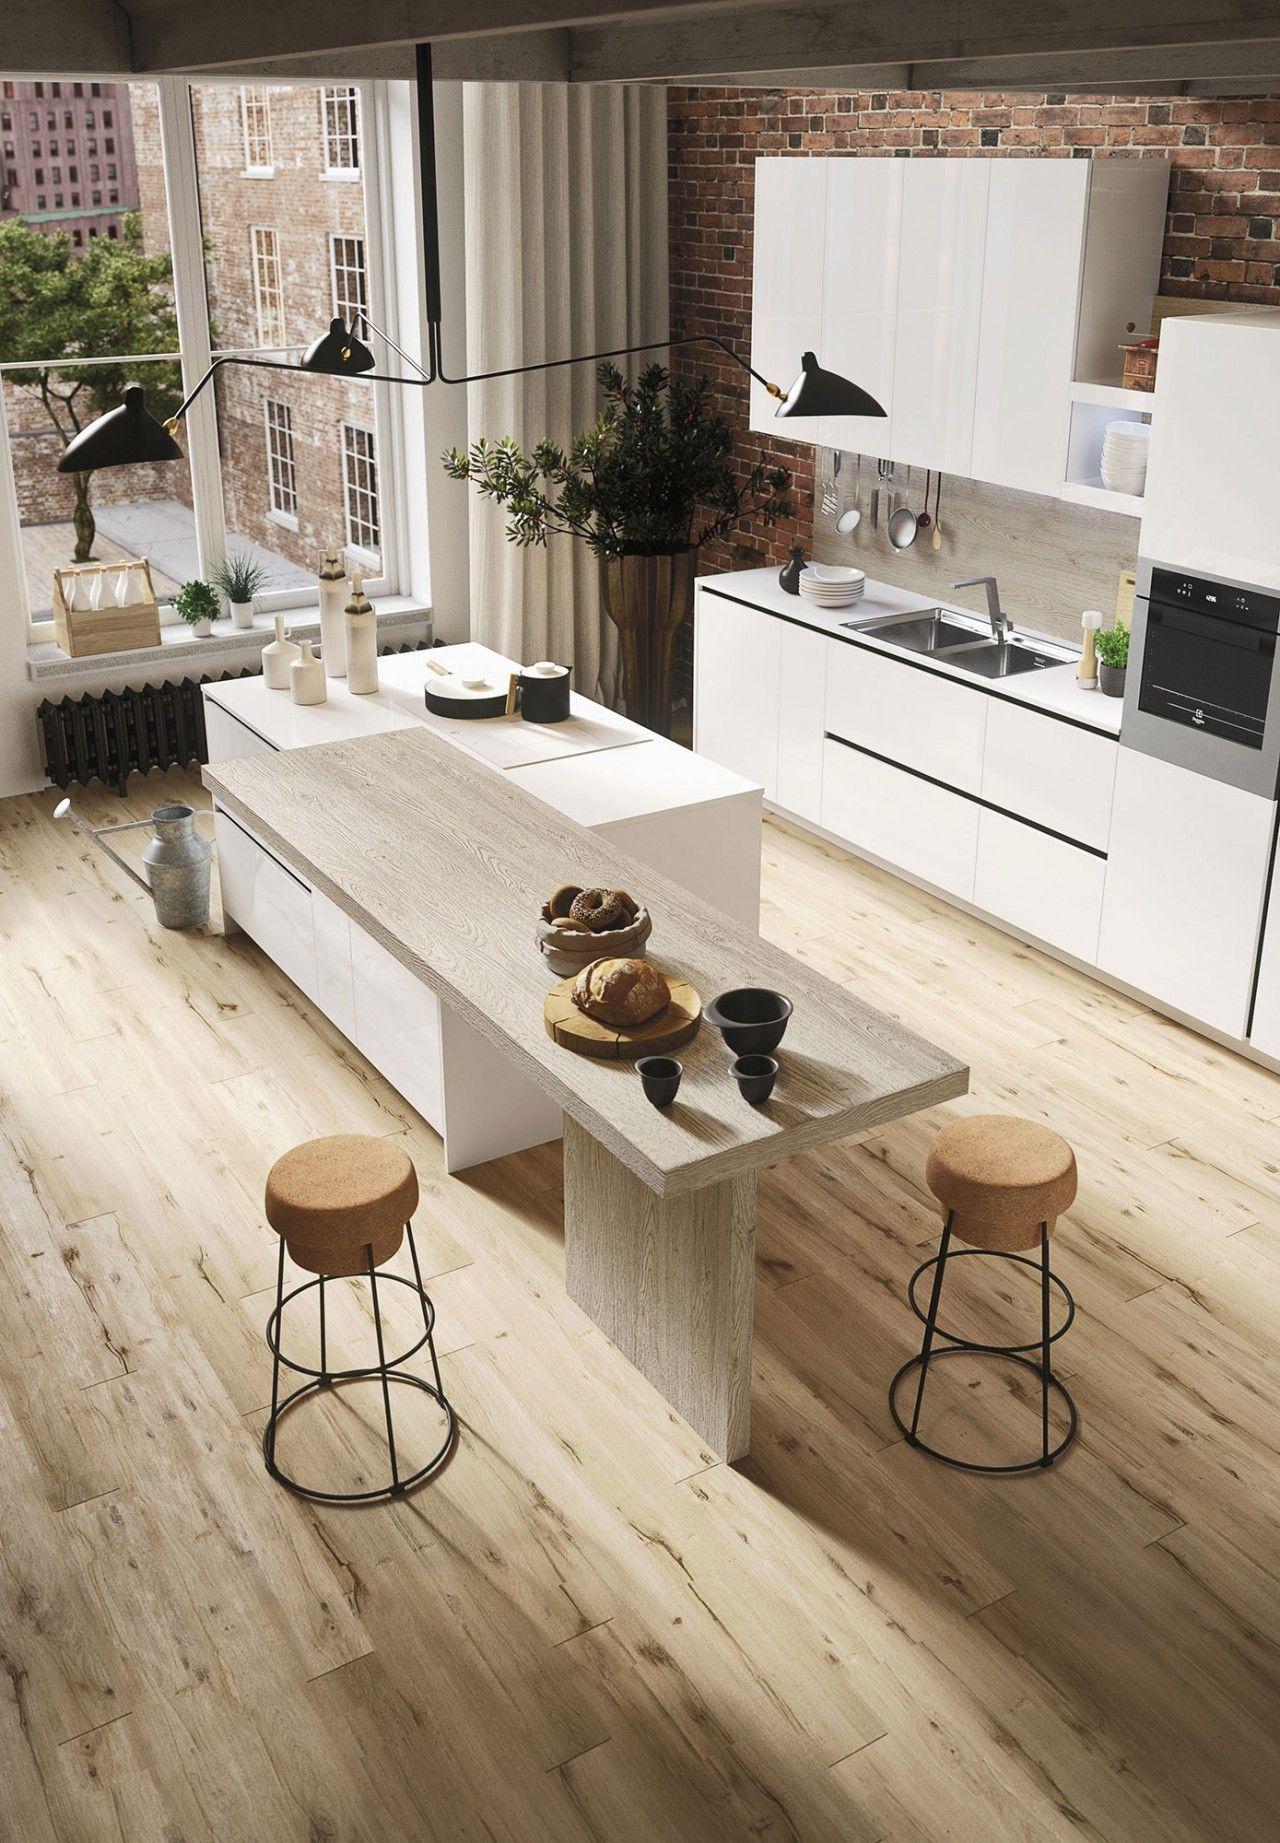 First è un progetto di cucine di design economiche che parla ...